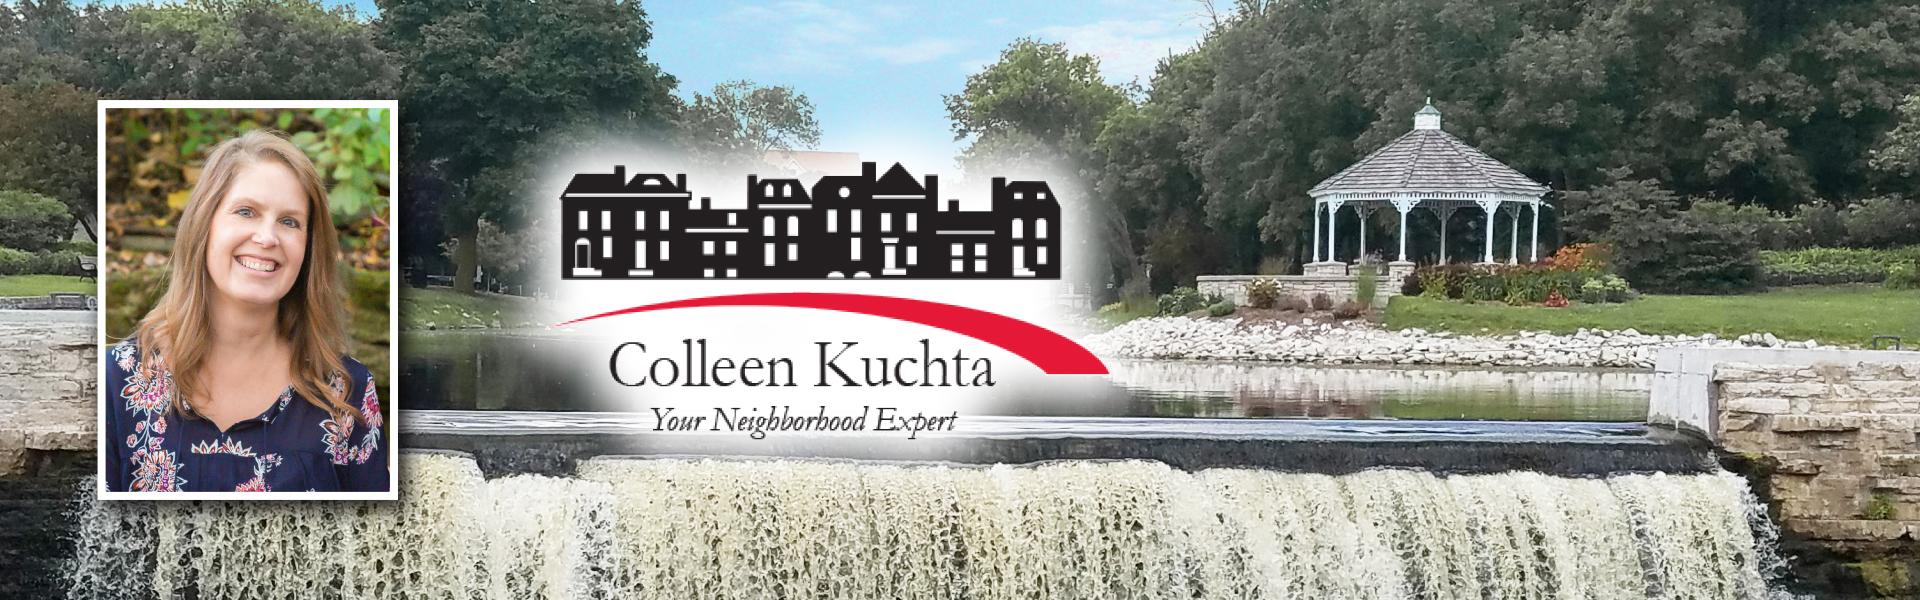 Colleen Kuchta